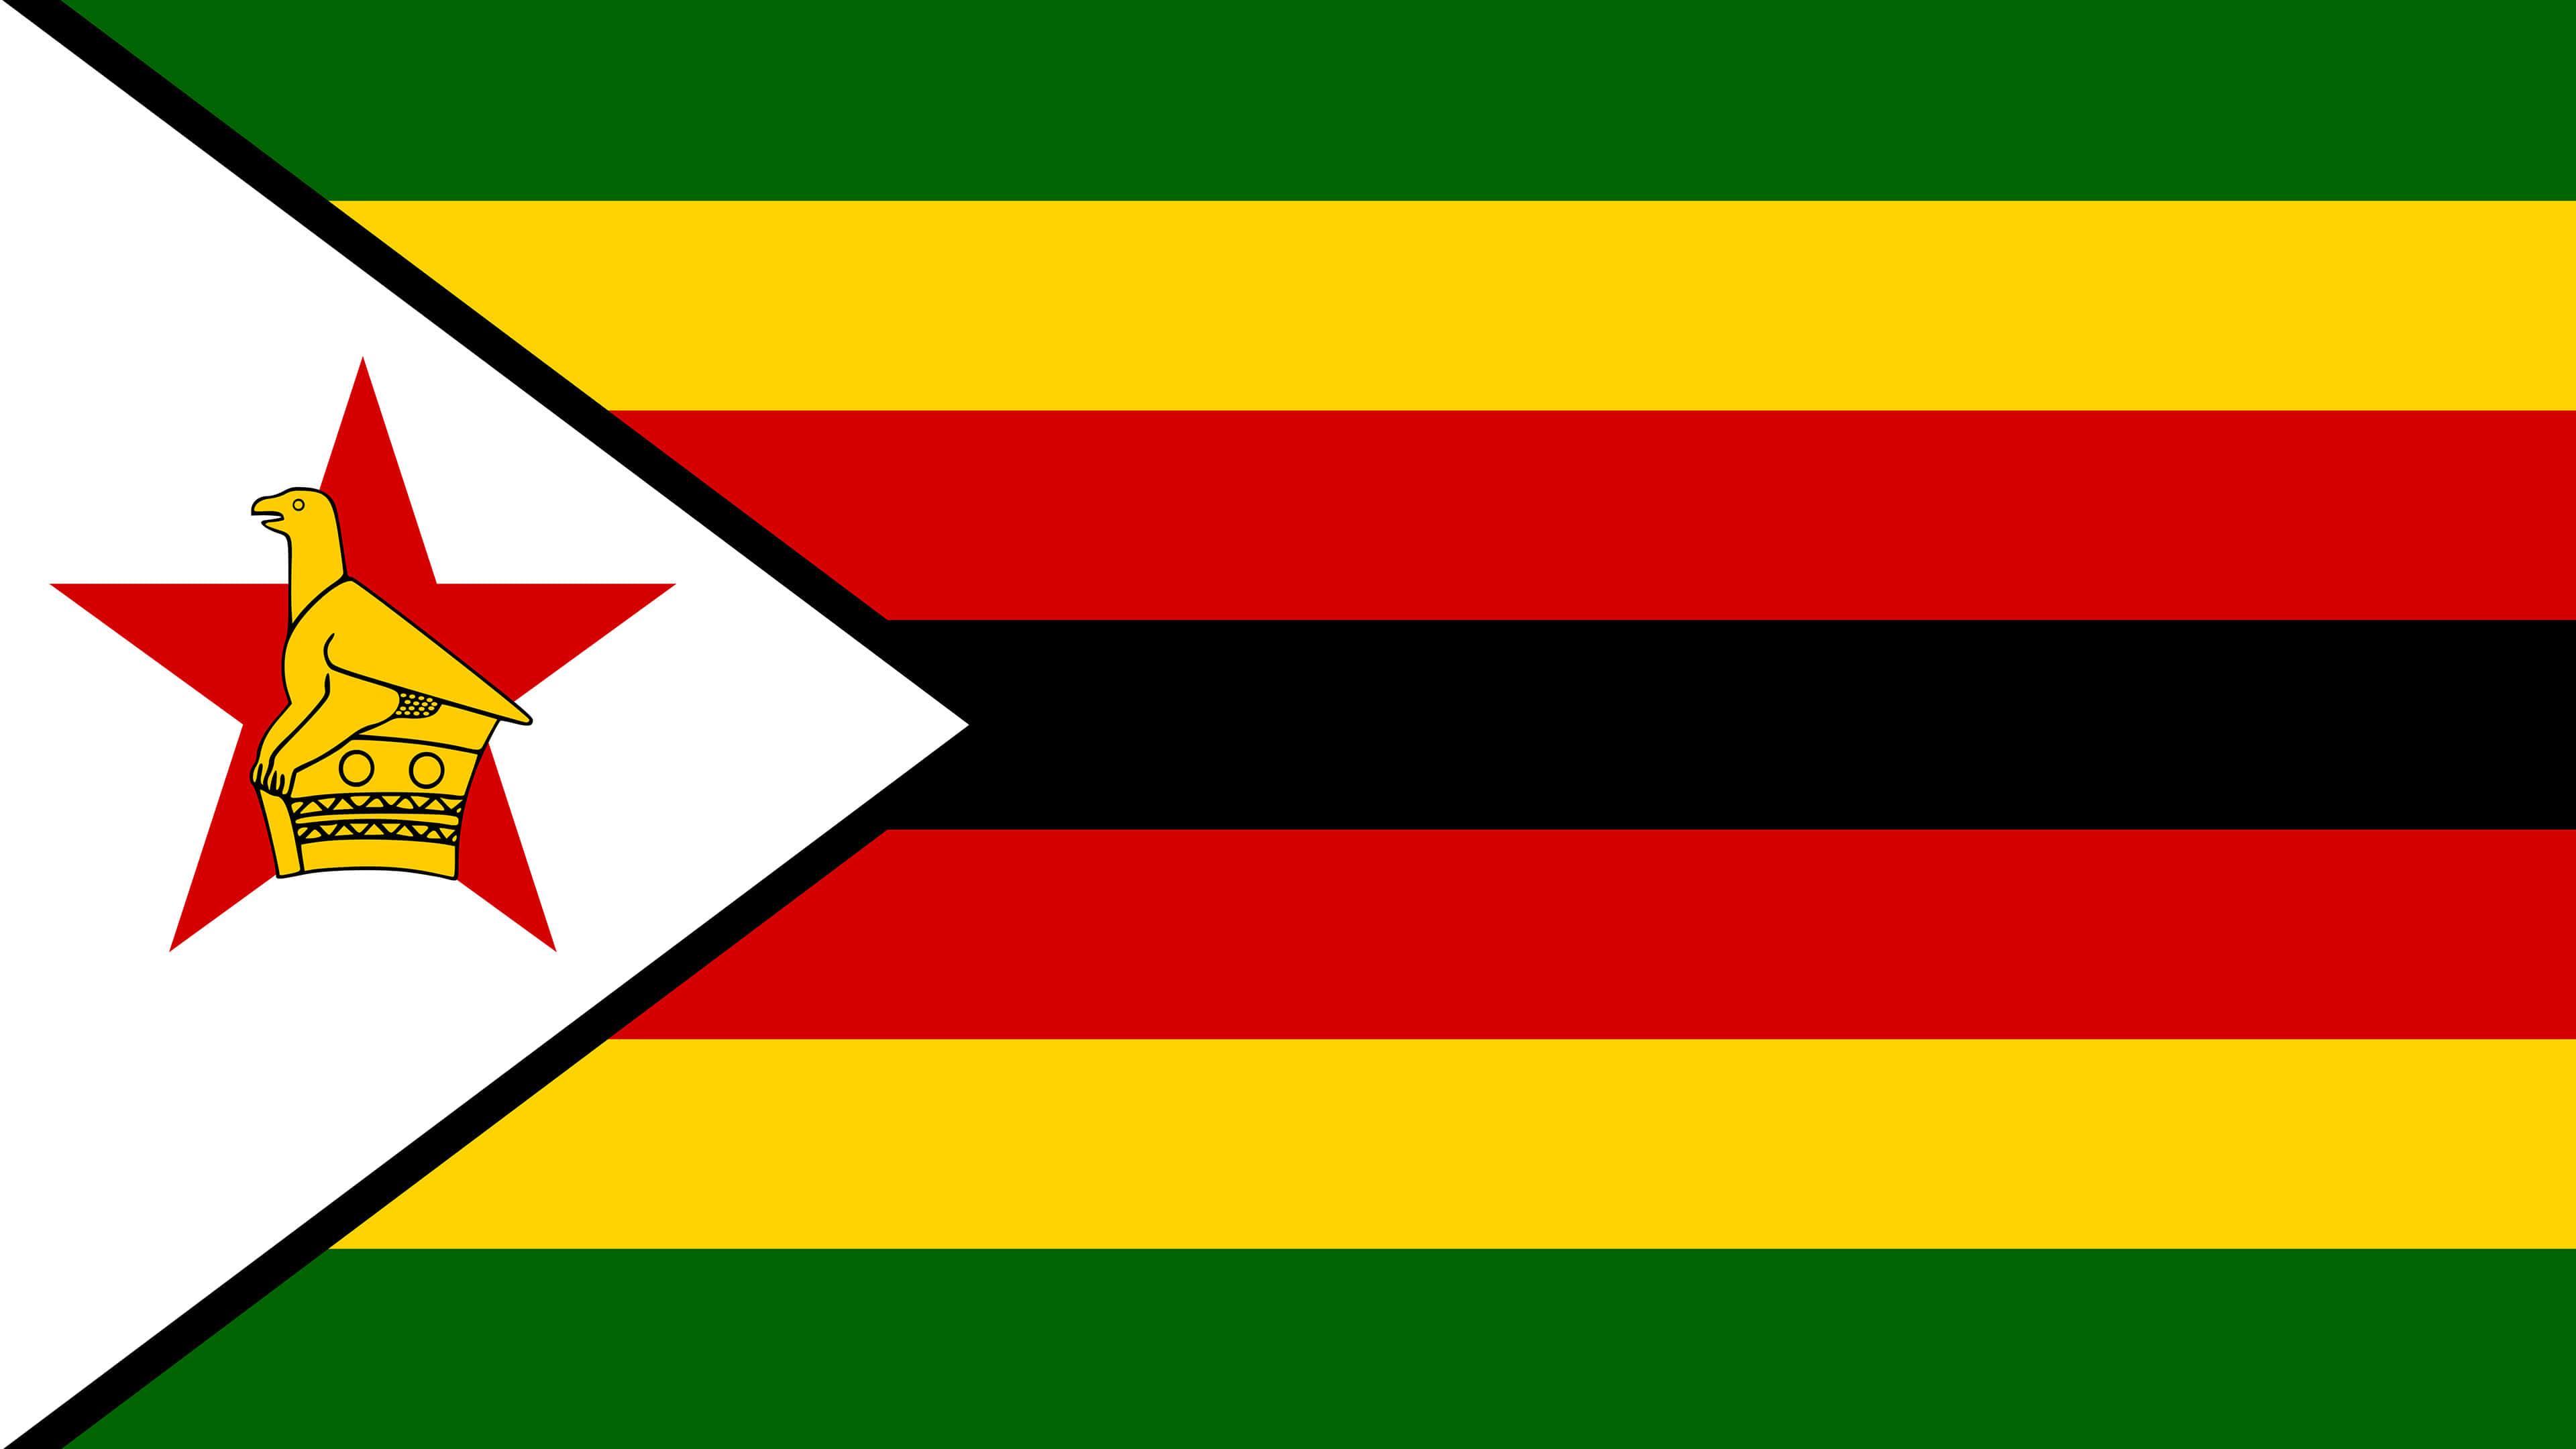 zimbabwe flag uhd 4k wallpaper